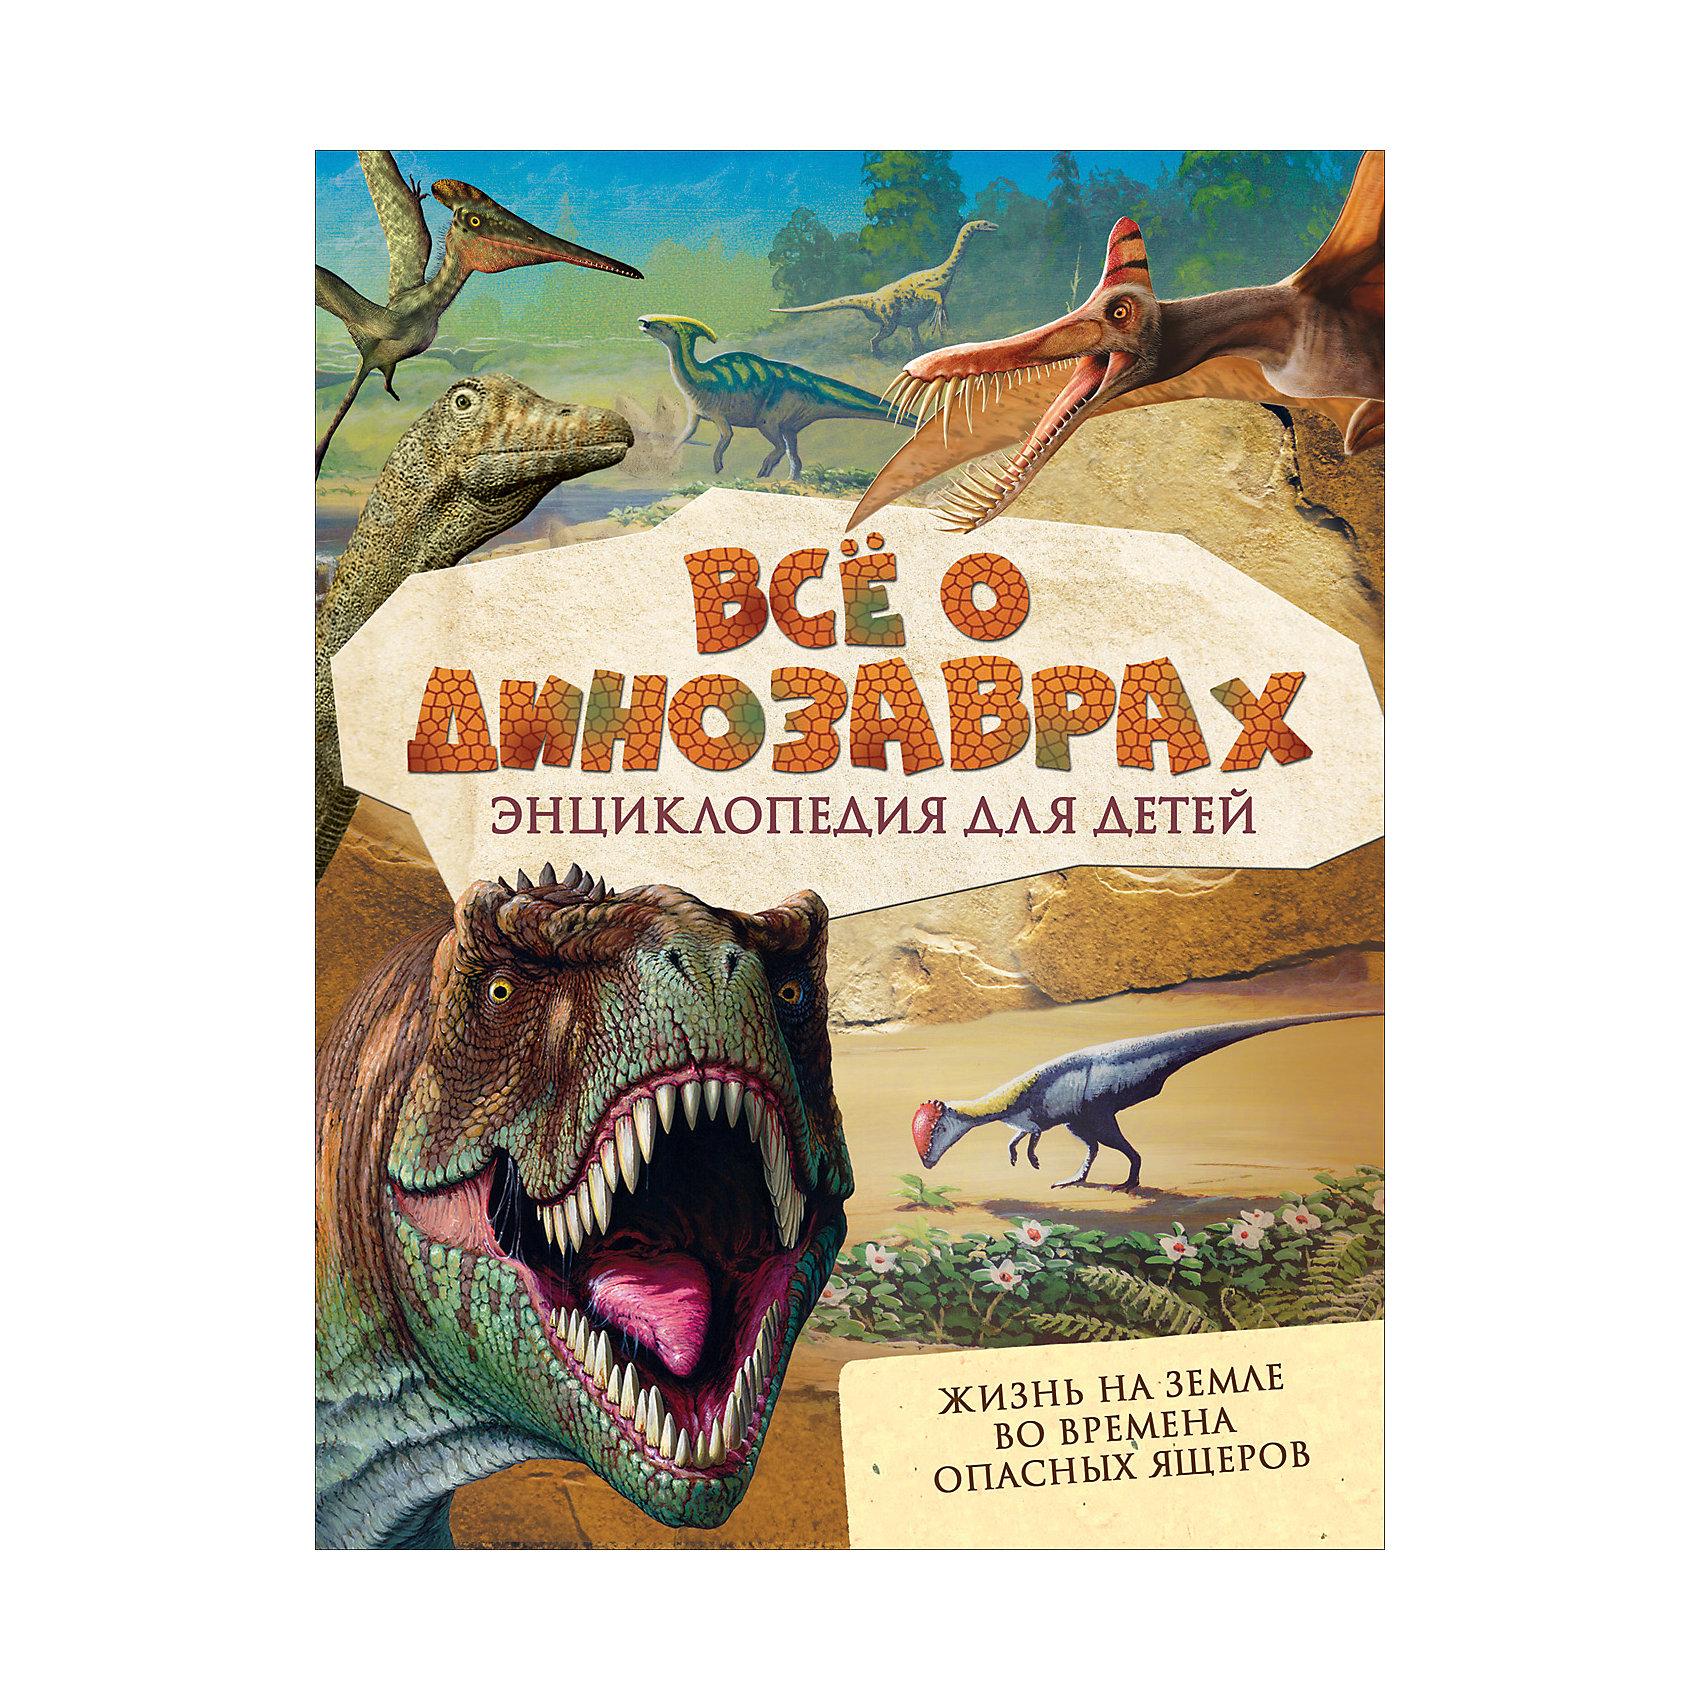 Книга Всё о динозаврахСейчас на нашей планете живут люди, а рядом с ними обитают сотни тысяч видов живых существ. А какой была жизнь на Земле задолго до появления человека? Как выглядели древнейшие обитатели морей? Как рыбы делали первые шаги по суше? Почему одни виды животных приходили на смену другим? Каким был мир, в котором обитали динозавры? Как выглядели древние хозяева Земли, чем они питались, на кого охотились и почему вымерли после почти 150 миллионов лет безраздельного владычества? Обо всем юный читатель узнает из этой книги, полной удивительных фактов и потрясающих иллюстраций.<br><br>Ширина мм: 285<br>Глубина мм: 220<br>Высота мм: 150<br>Вес г: 583<br>Возраст от месяцев: 60<br>Возраст до месяцев: 2147483647<br>Пол: Унисекс<br>Возраст: Детский<br>SKU: 5507100